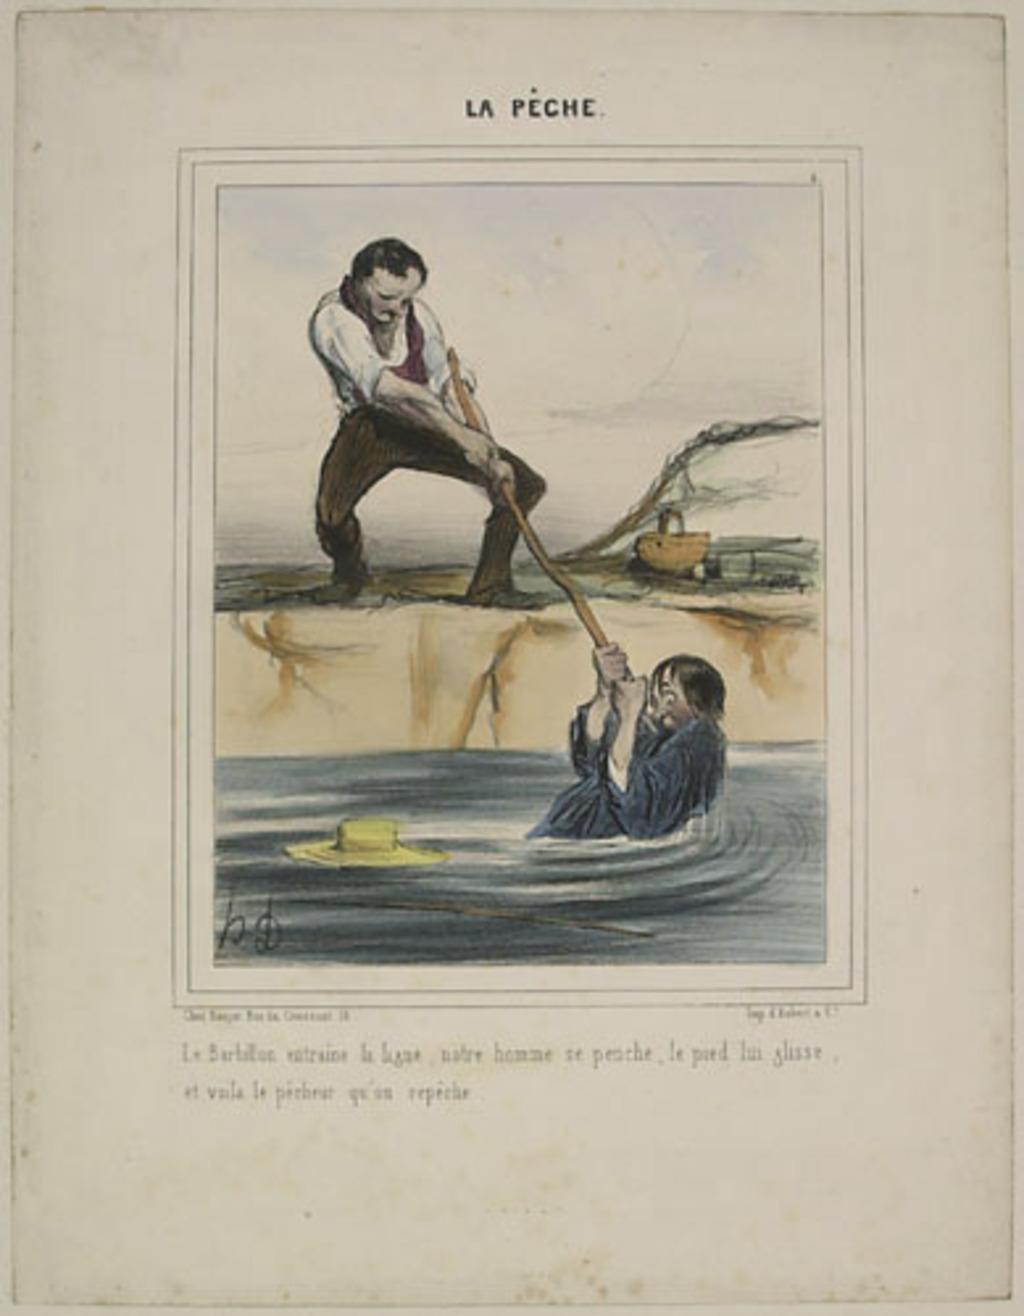 Le Barbillon entraîne la ligne, notre homme se penche, le pied lui glisse, et voilà le pêcheur qu'on repêche